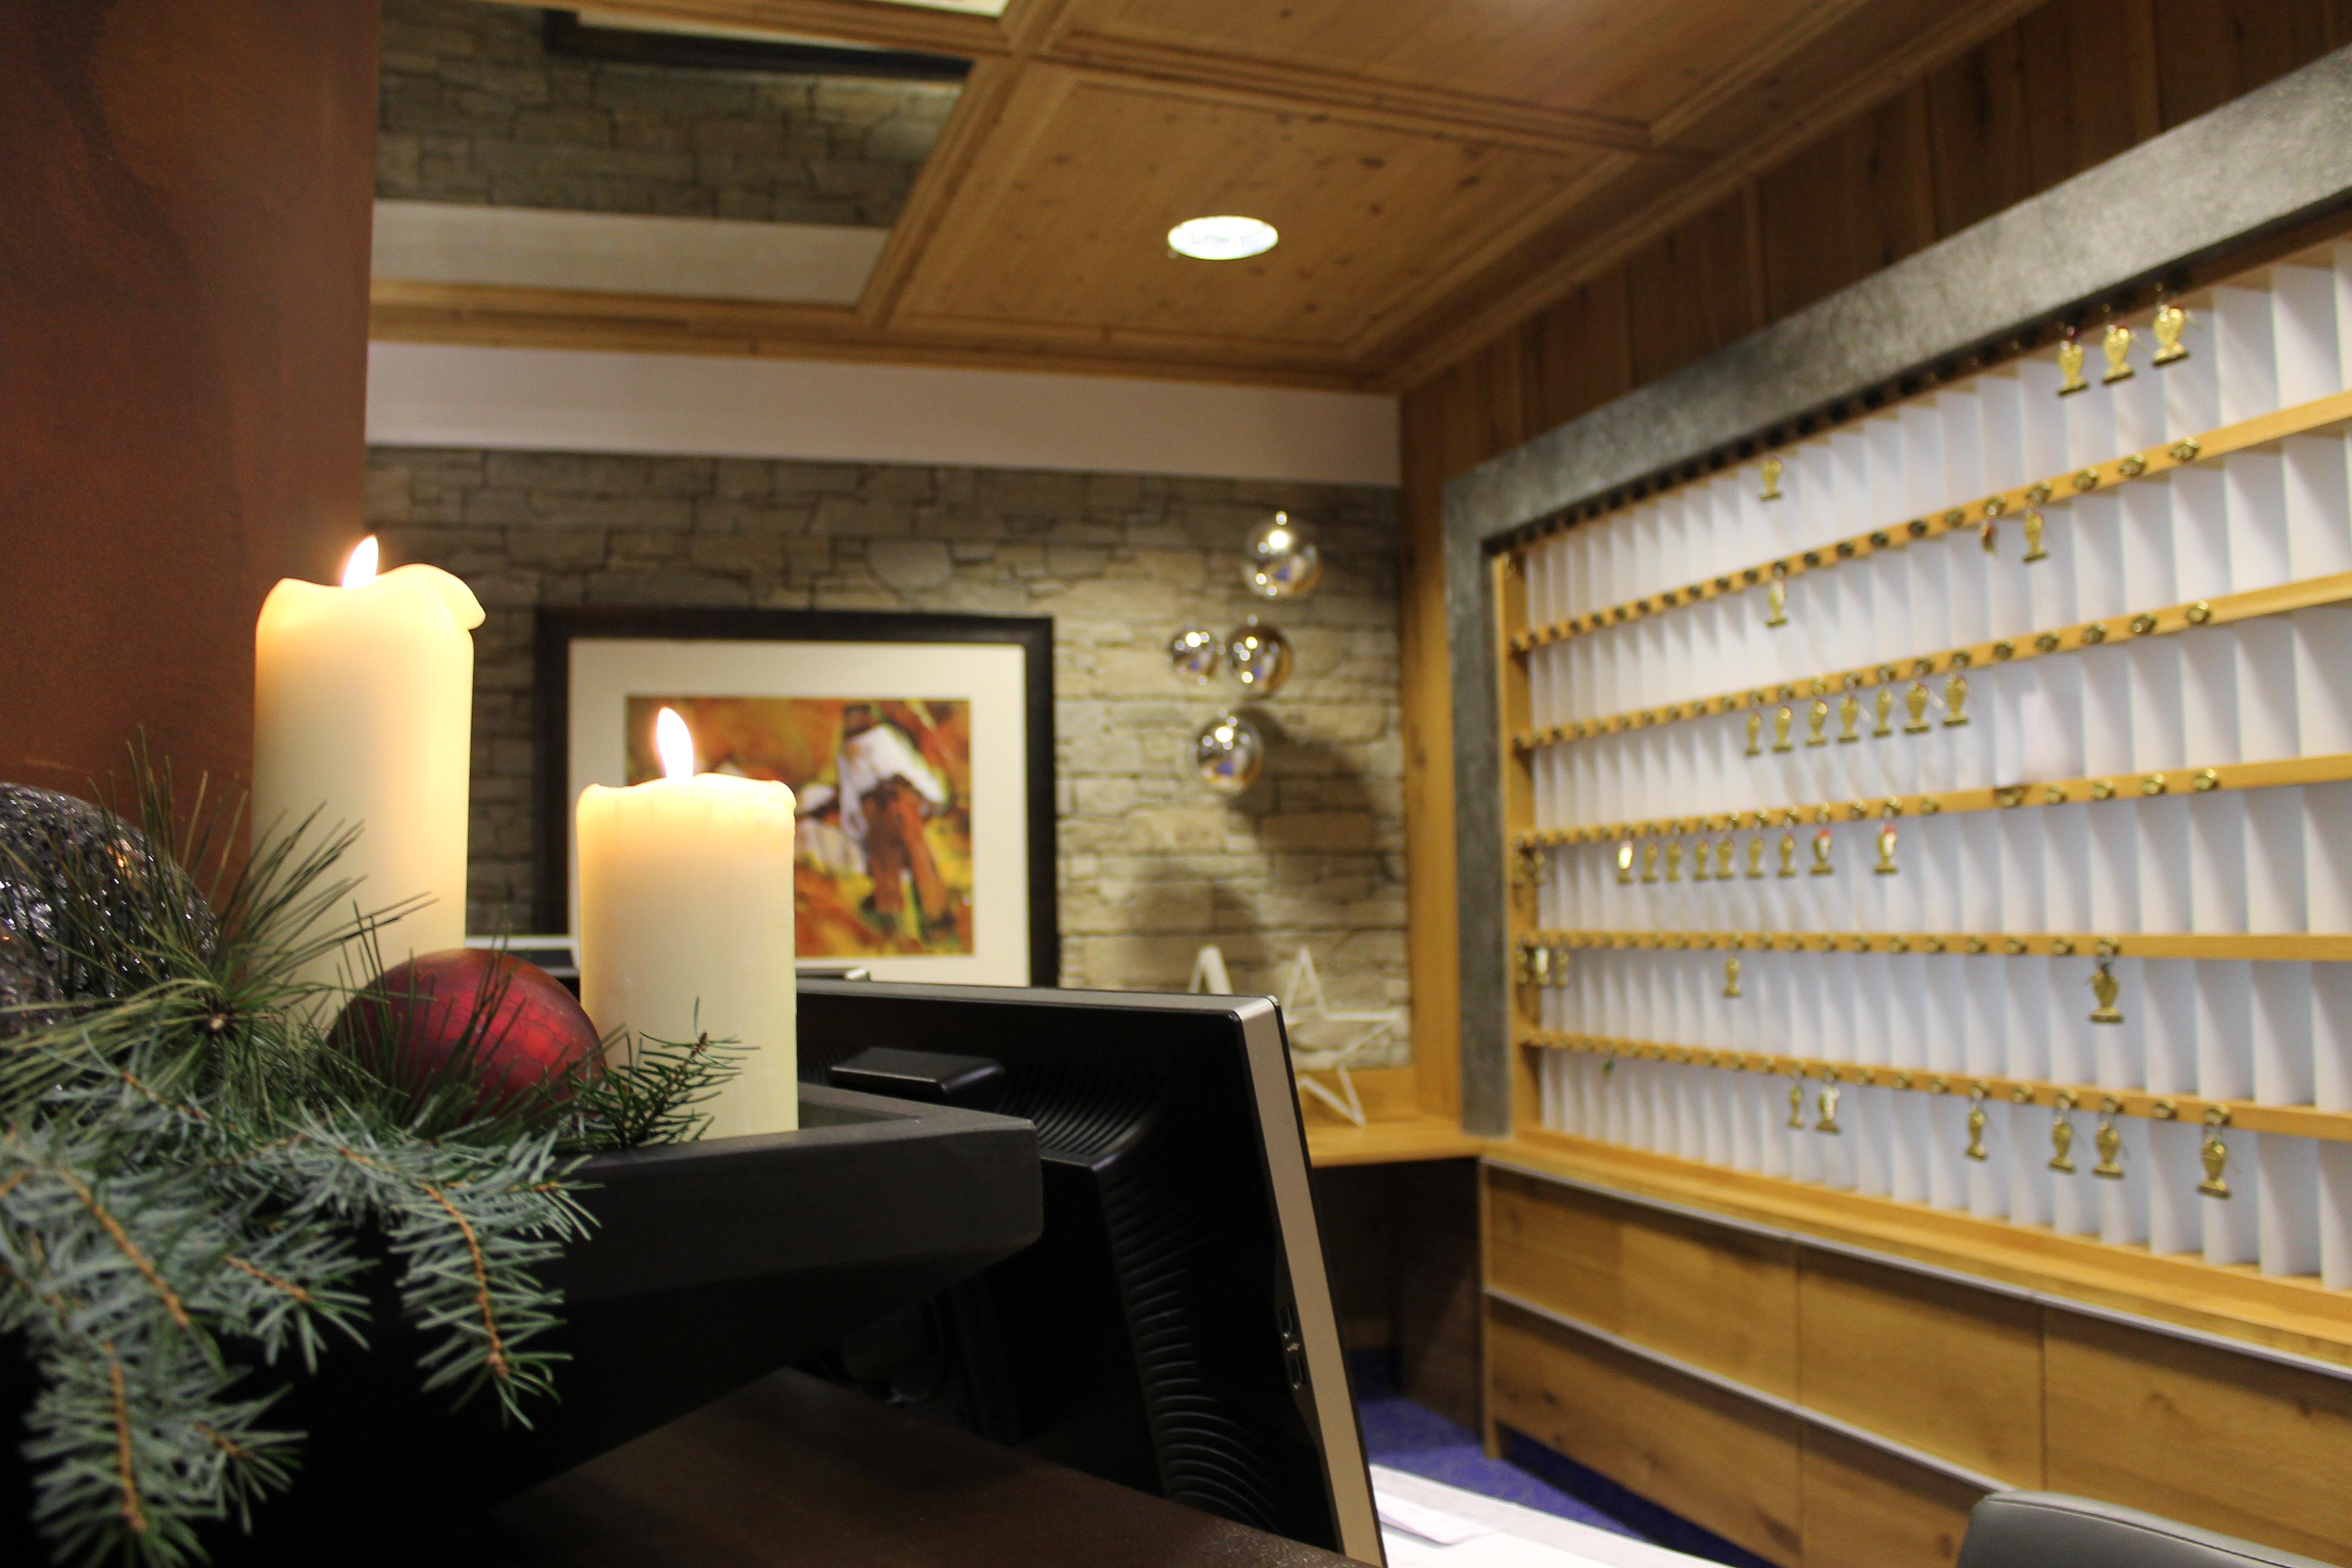 neuigkeiten vom familienhotel mozart vital in ried im. Black Bedroom Furniture Sets. Home Design Ideas